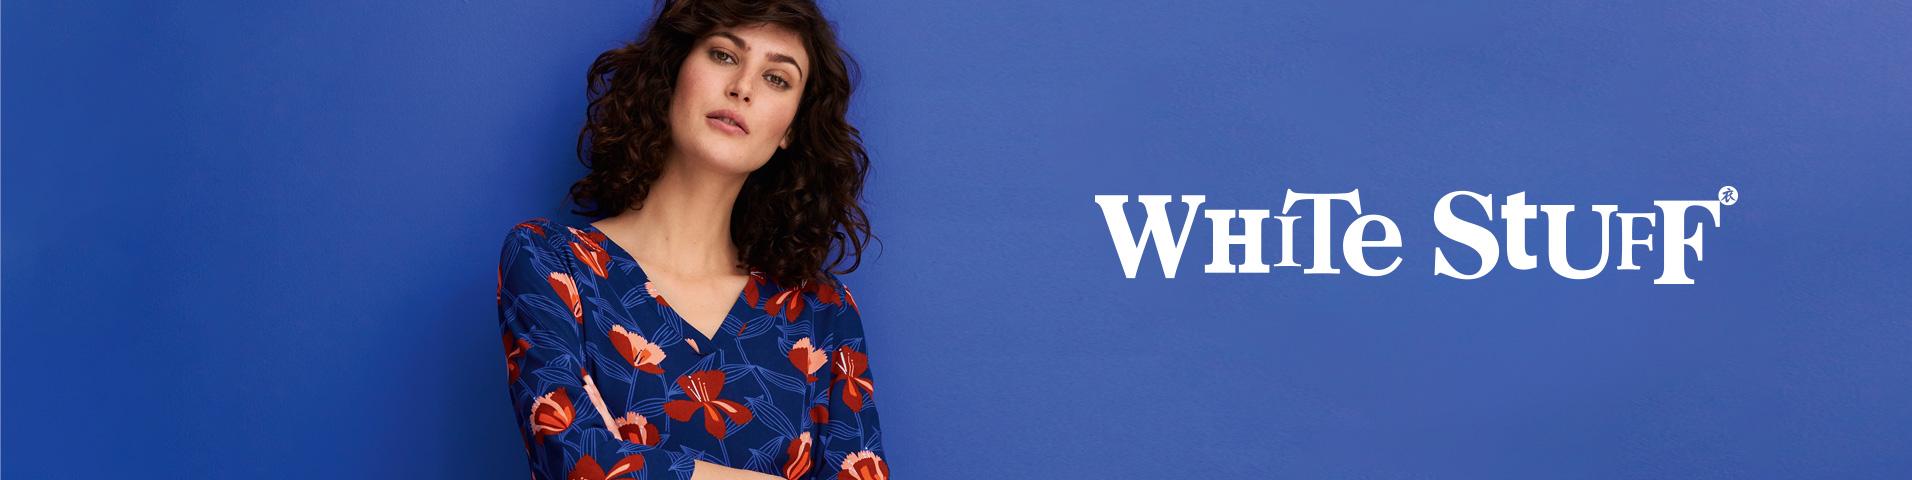 Salg | Dame | Skinnjakker Størrelse XL | Nye tilbud hos Zalando